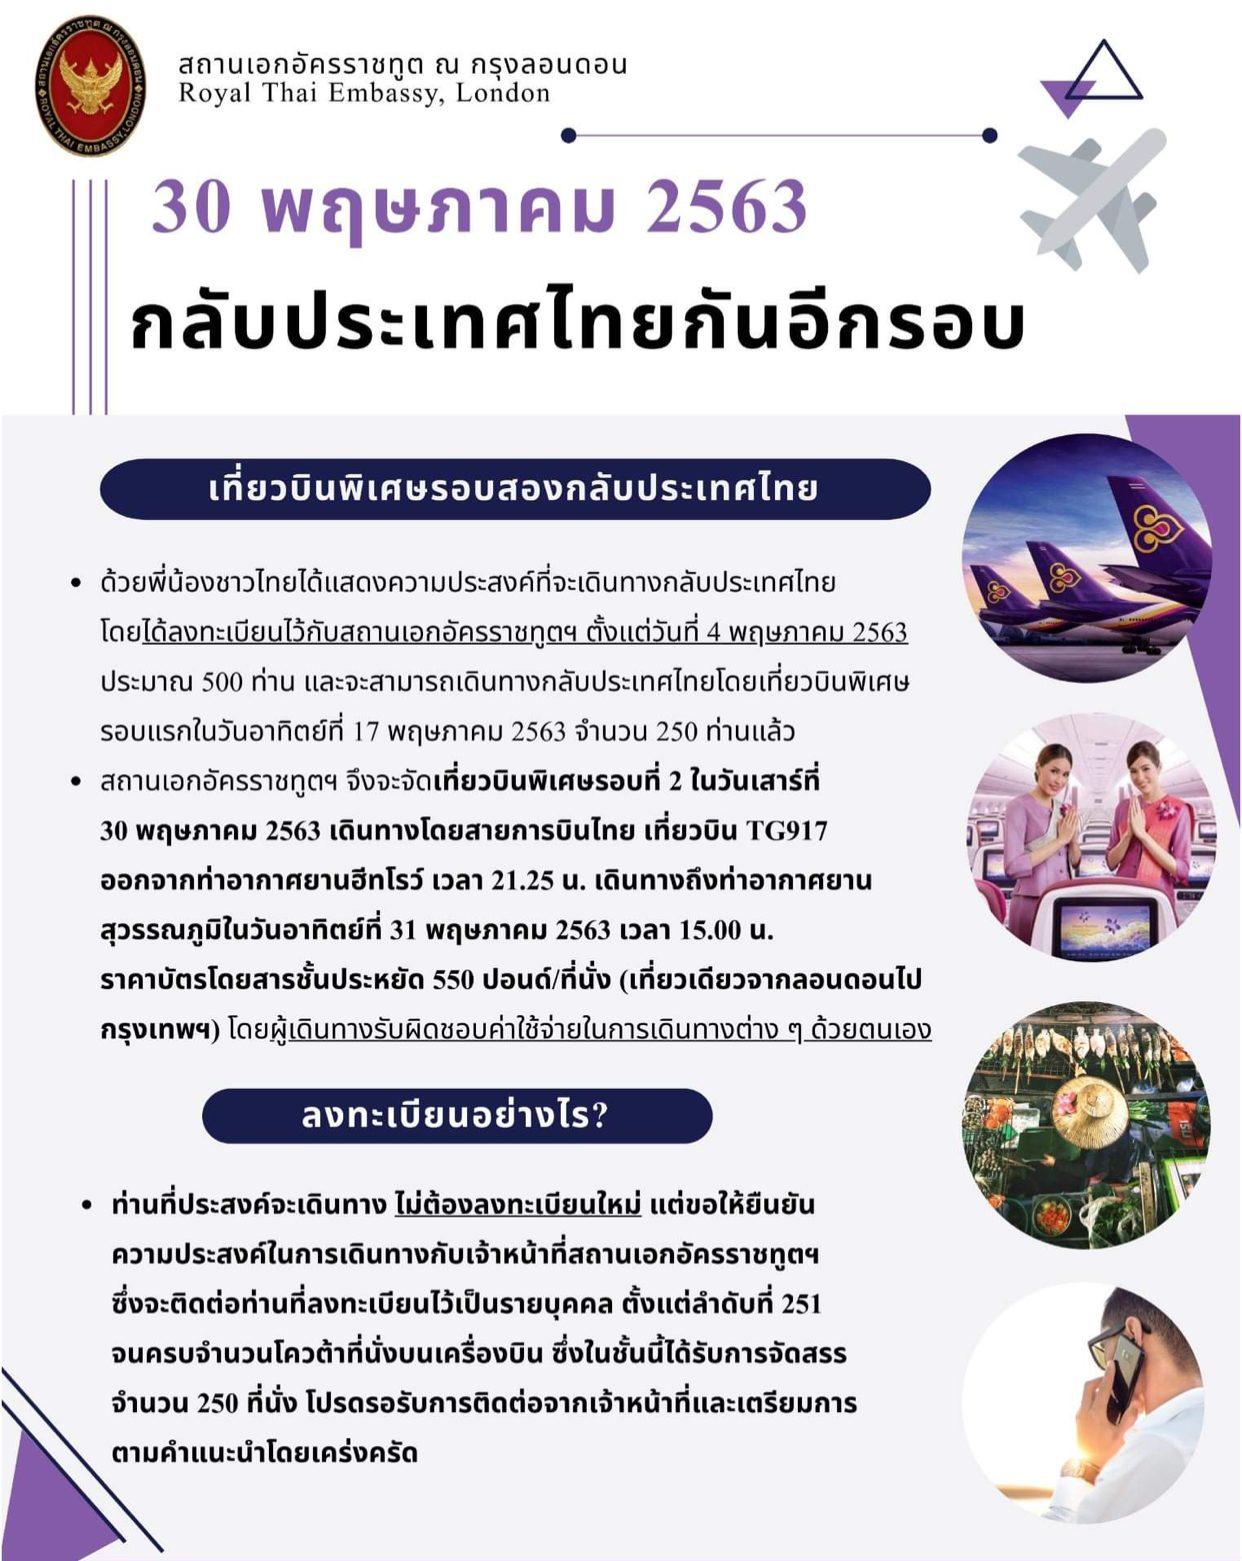 ด่วน! สถานทูตจัดเที่ยวบินพิเศษรอบ 2 พาคนไทยในอังกฤษกลับบ้าน